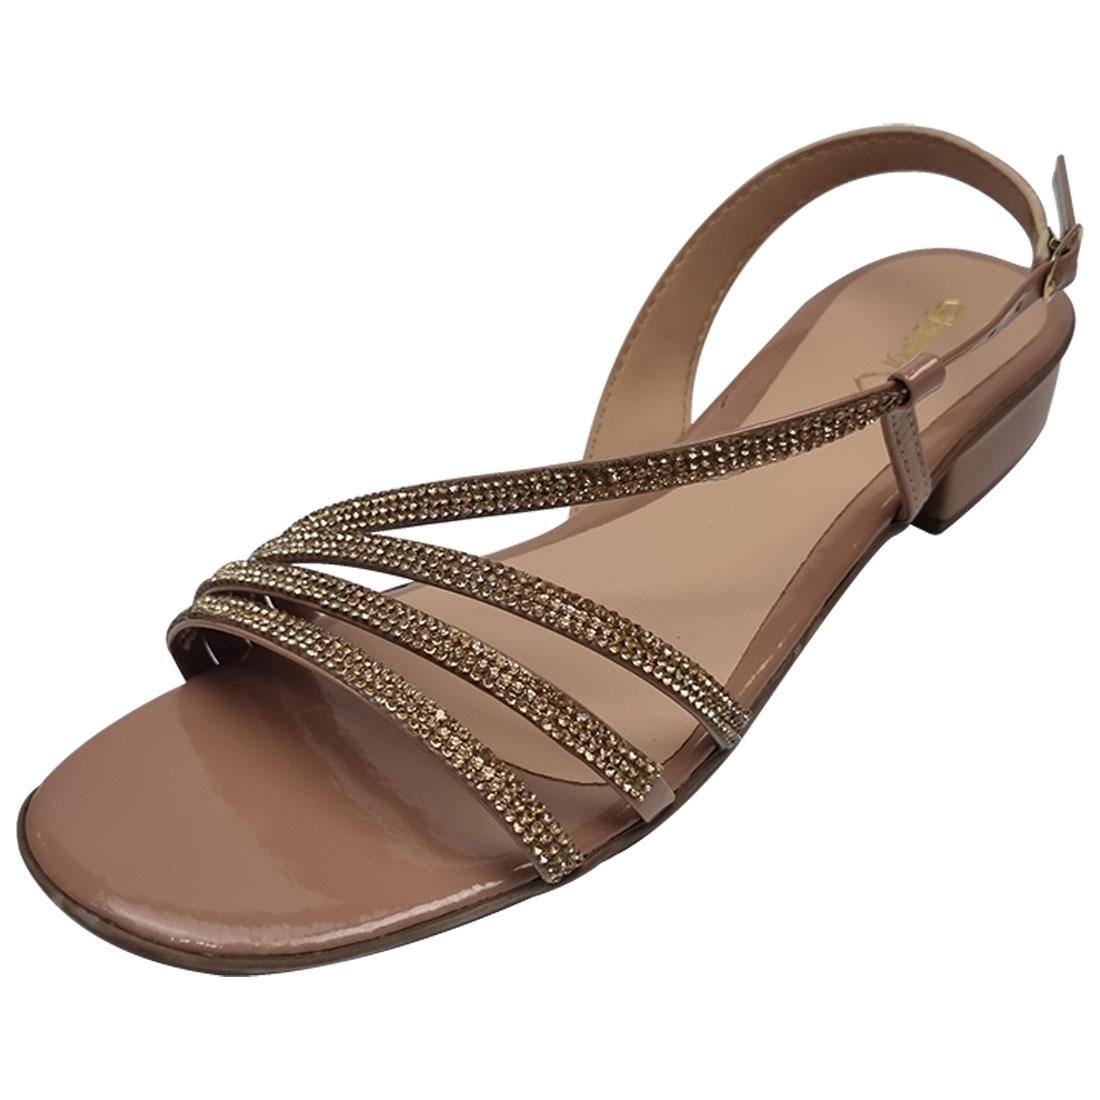 Sandália Salto Baixo com Strass - Bege